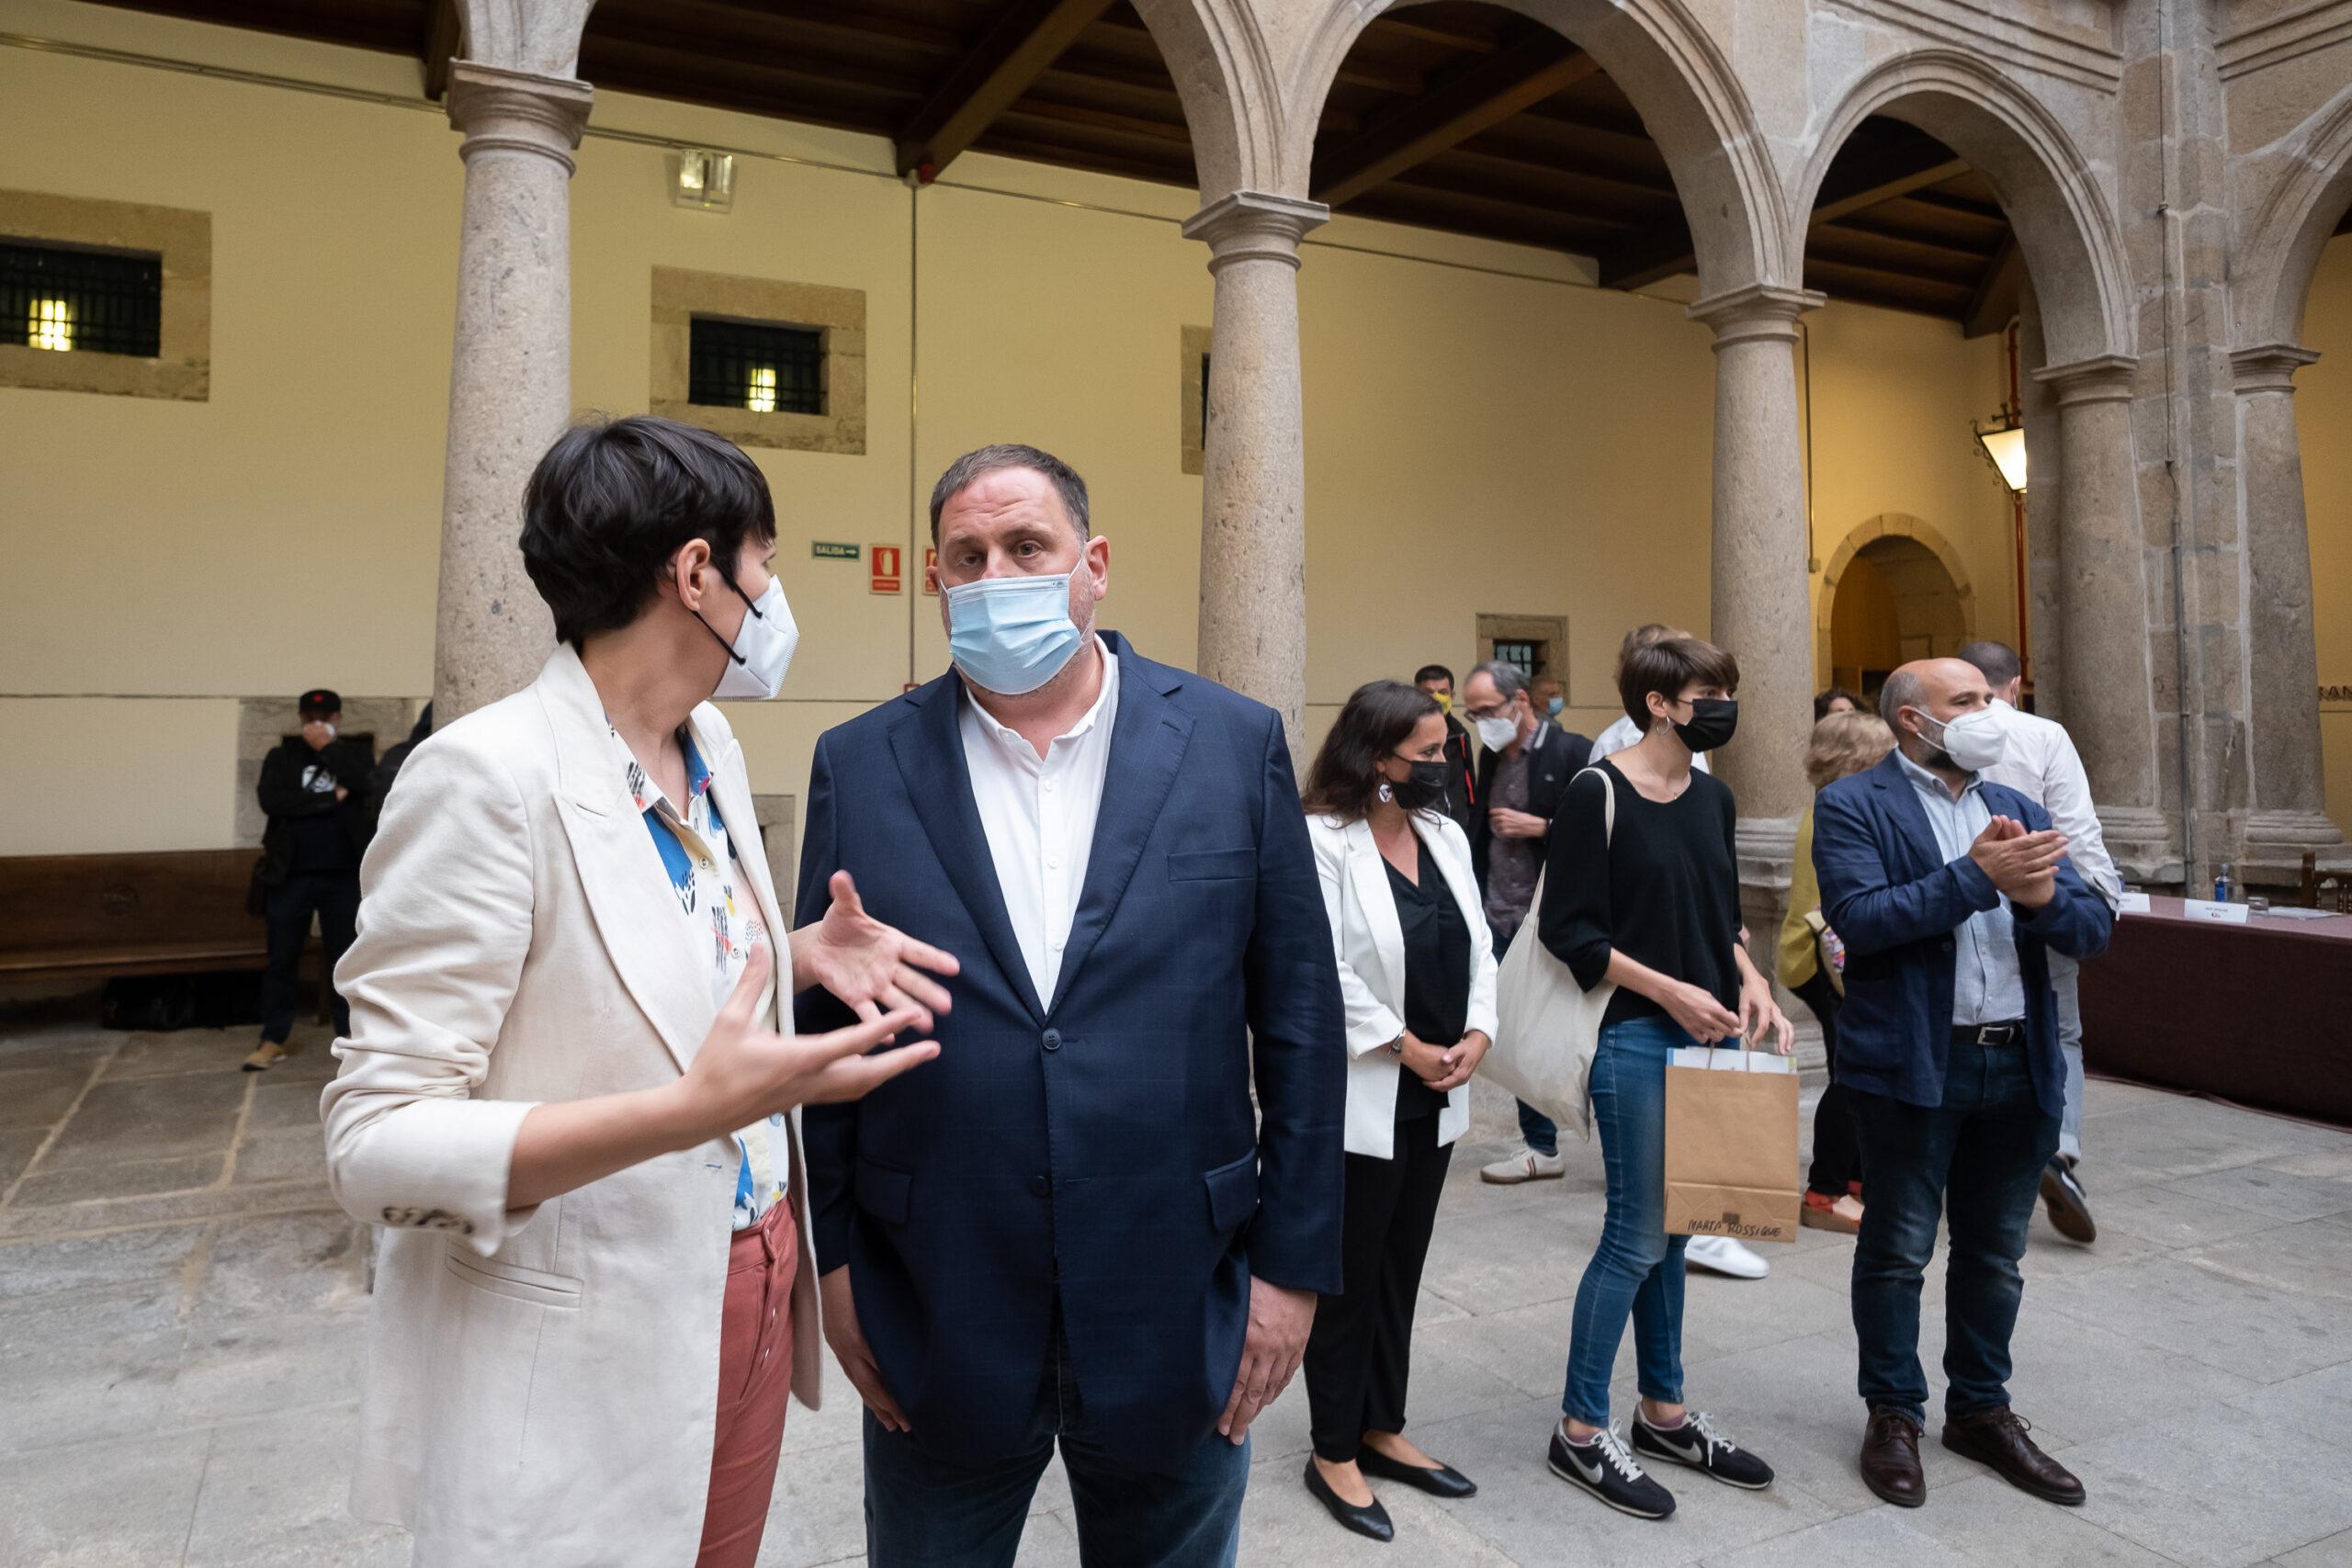 La portaveu nacional del Bloc Nacionalista Galego (BNG), Ana Pontón; el president d'ERC, Oriol Junqueras; la diputada d'ERC Marta Rosique el diputat del BNG en el Congrés Néstor Rego / EUROPA PRESS